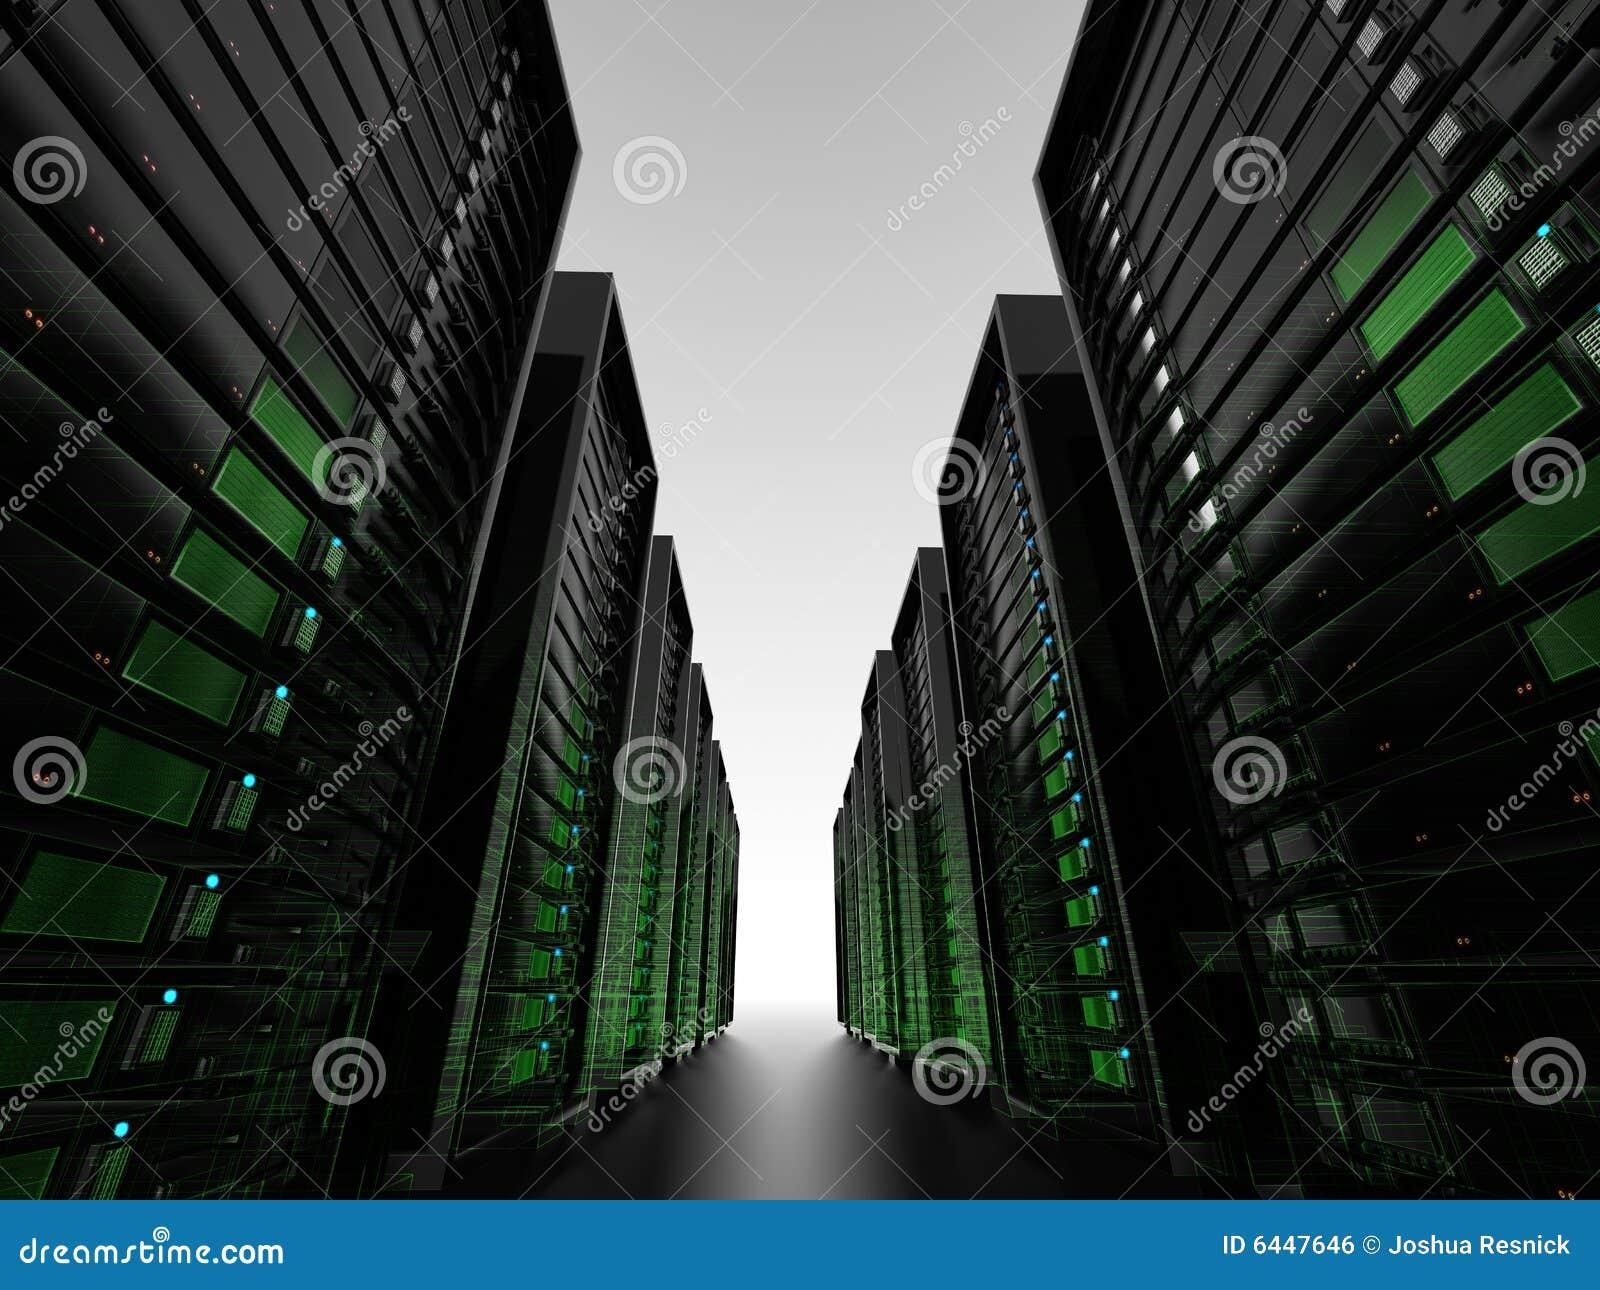 Gruppi di terminali di server con wireframe